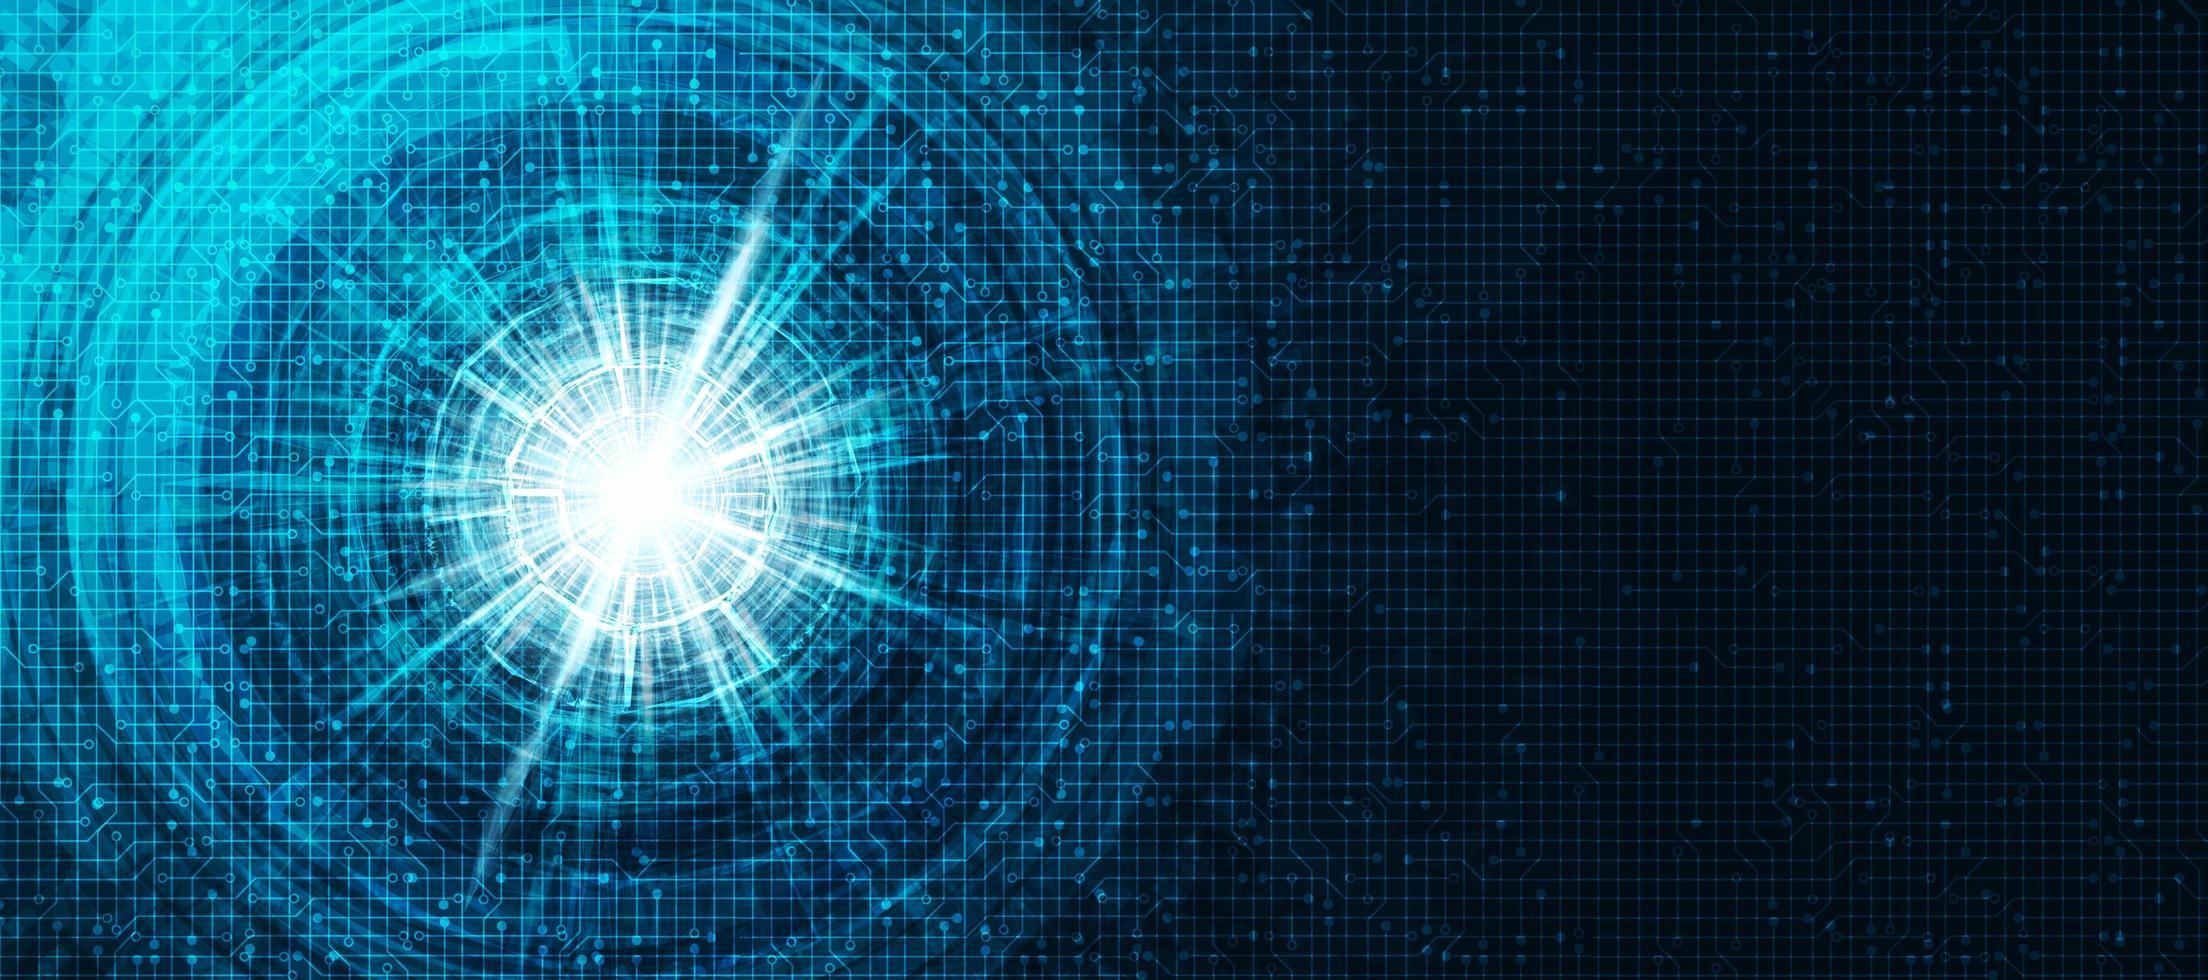 Kreistechnologie auf technologischem Hintergrund vektor